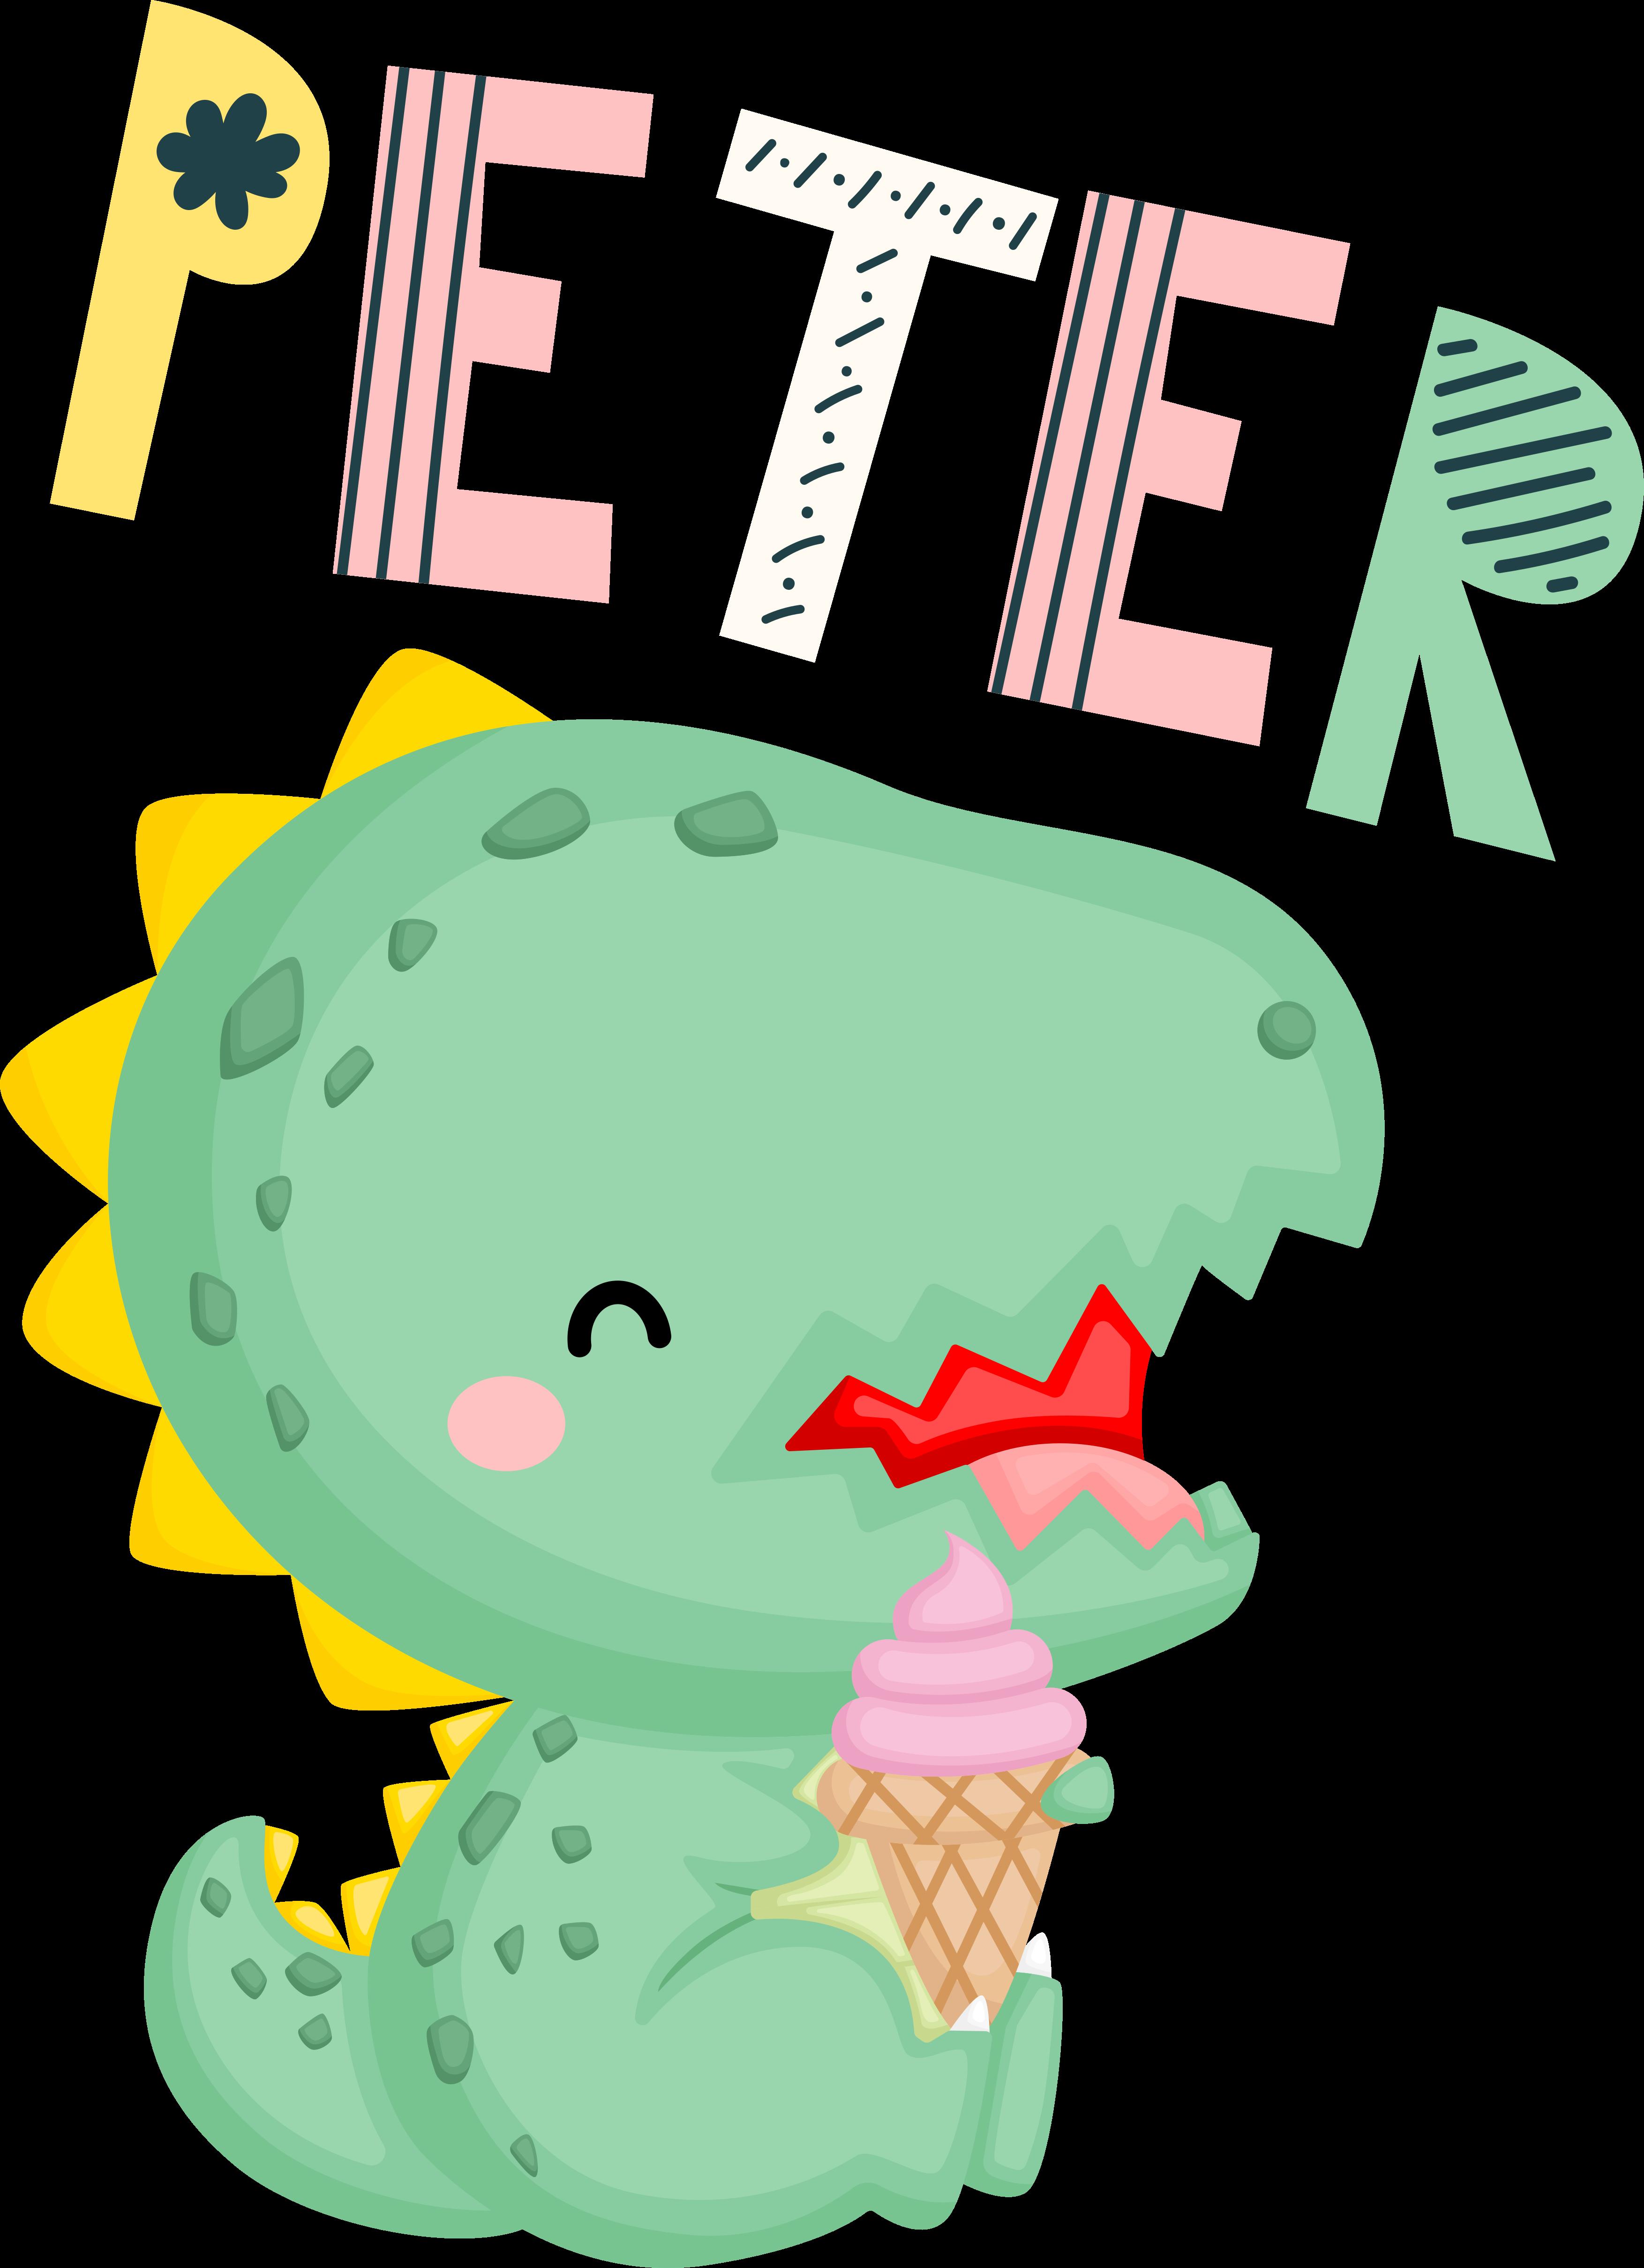 TENSTICKERS. 名前ドラゴンウォールステッカーの赤ちゃん恐竜. この愛らしいかわいい恐竜のデカールであなたの赤ちゃんや子供の名前をカスタマイズします。表示されたテキストフィールドに、デザインに適用する名前を入力します。